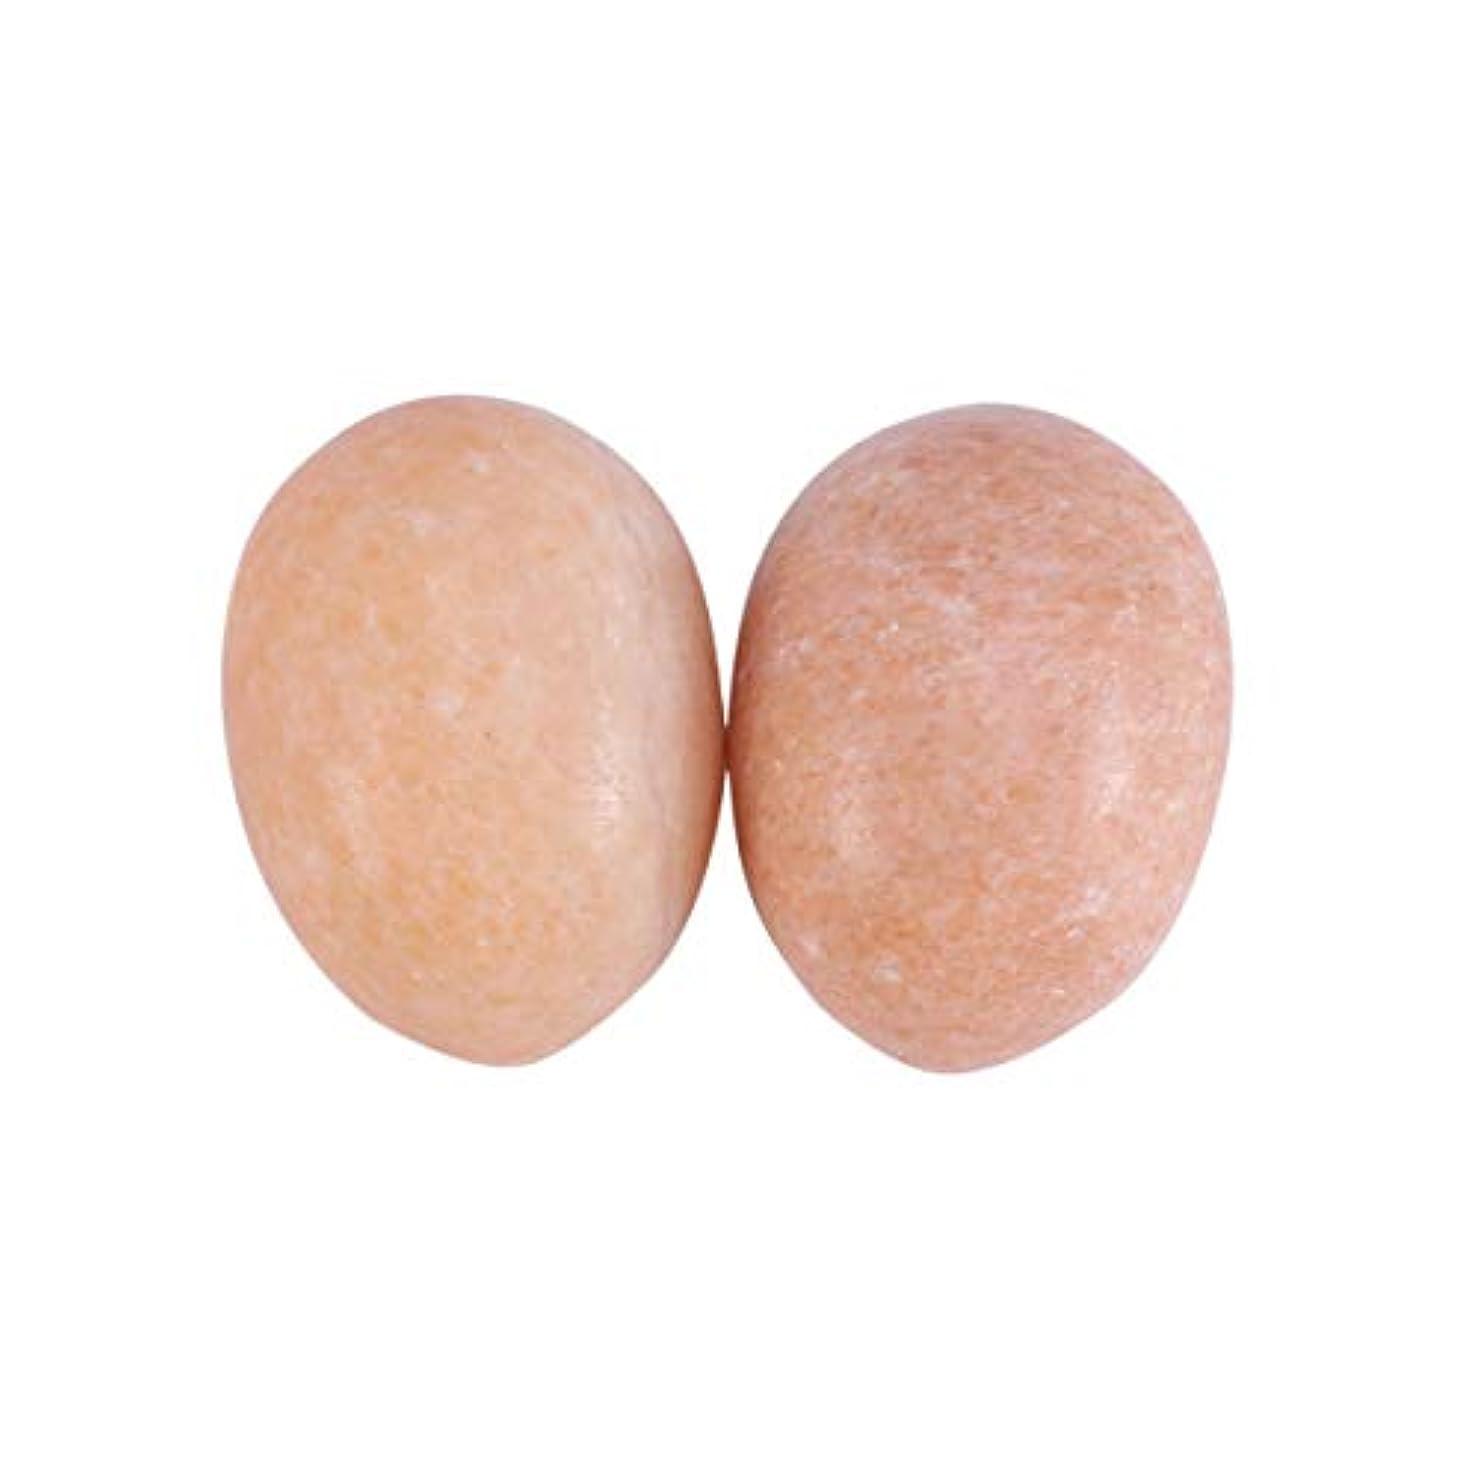 手術整然とした用心するSUPVOX 6個ネフライト玉ヨードエッグ玉ヨードマッサージストーンチャクラ骨盤筋肉の癒しの卵マッサージケゲル運動(夕焼けの赤卵)